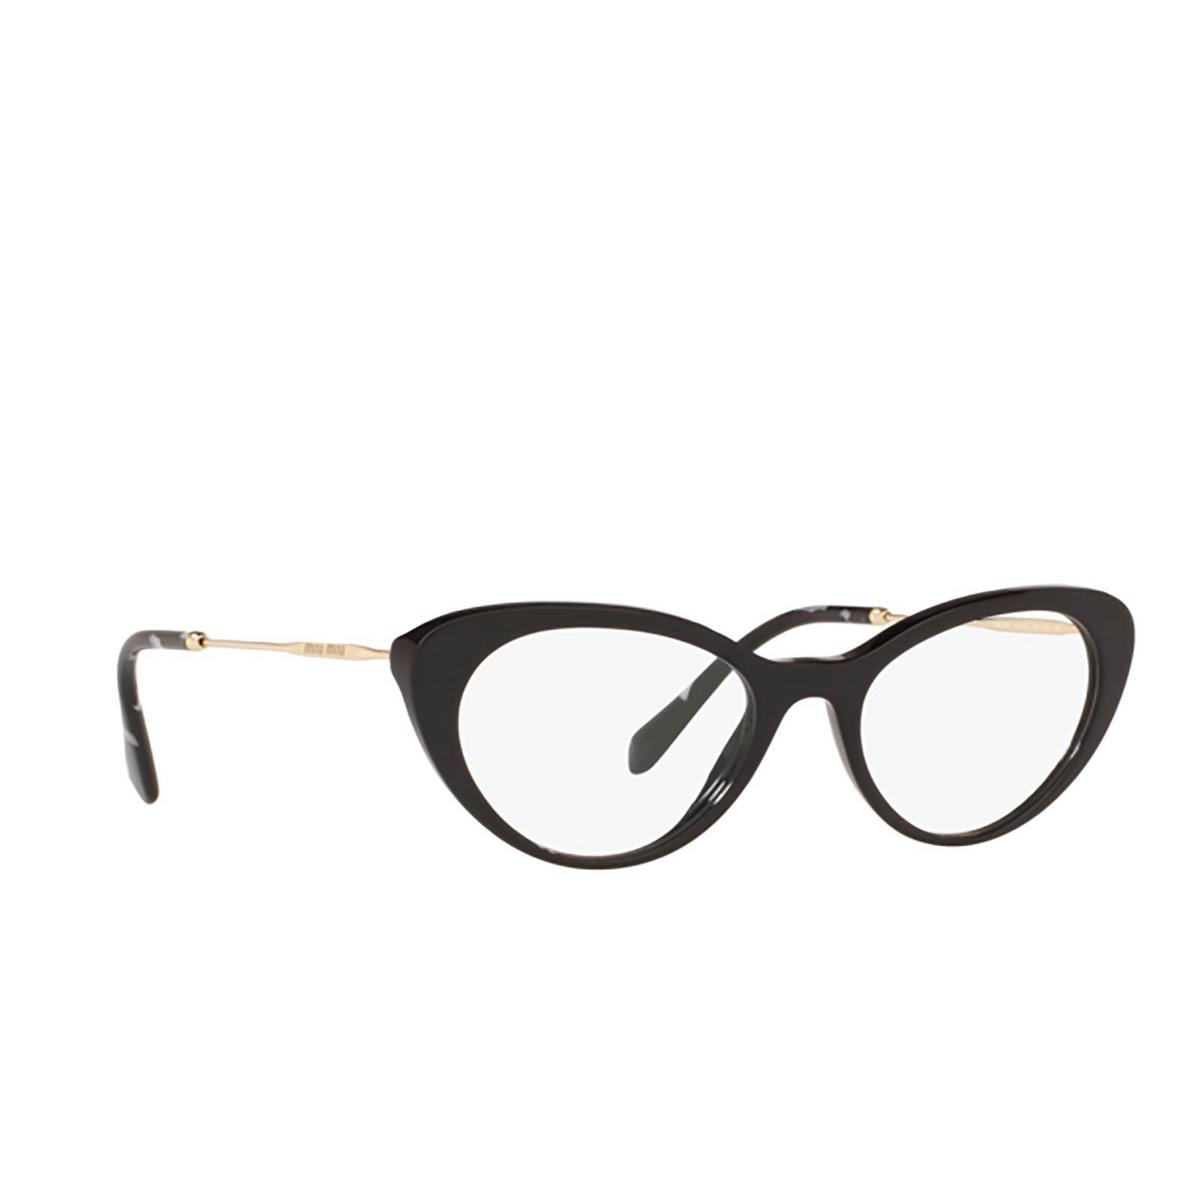 Miu Miu® Cat-eye Eyeglasses: MU 05RV color Black 1AB1O1 - three-quarters view.